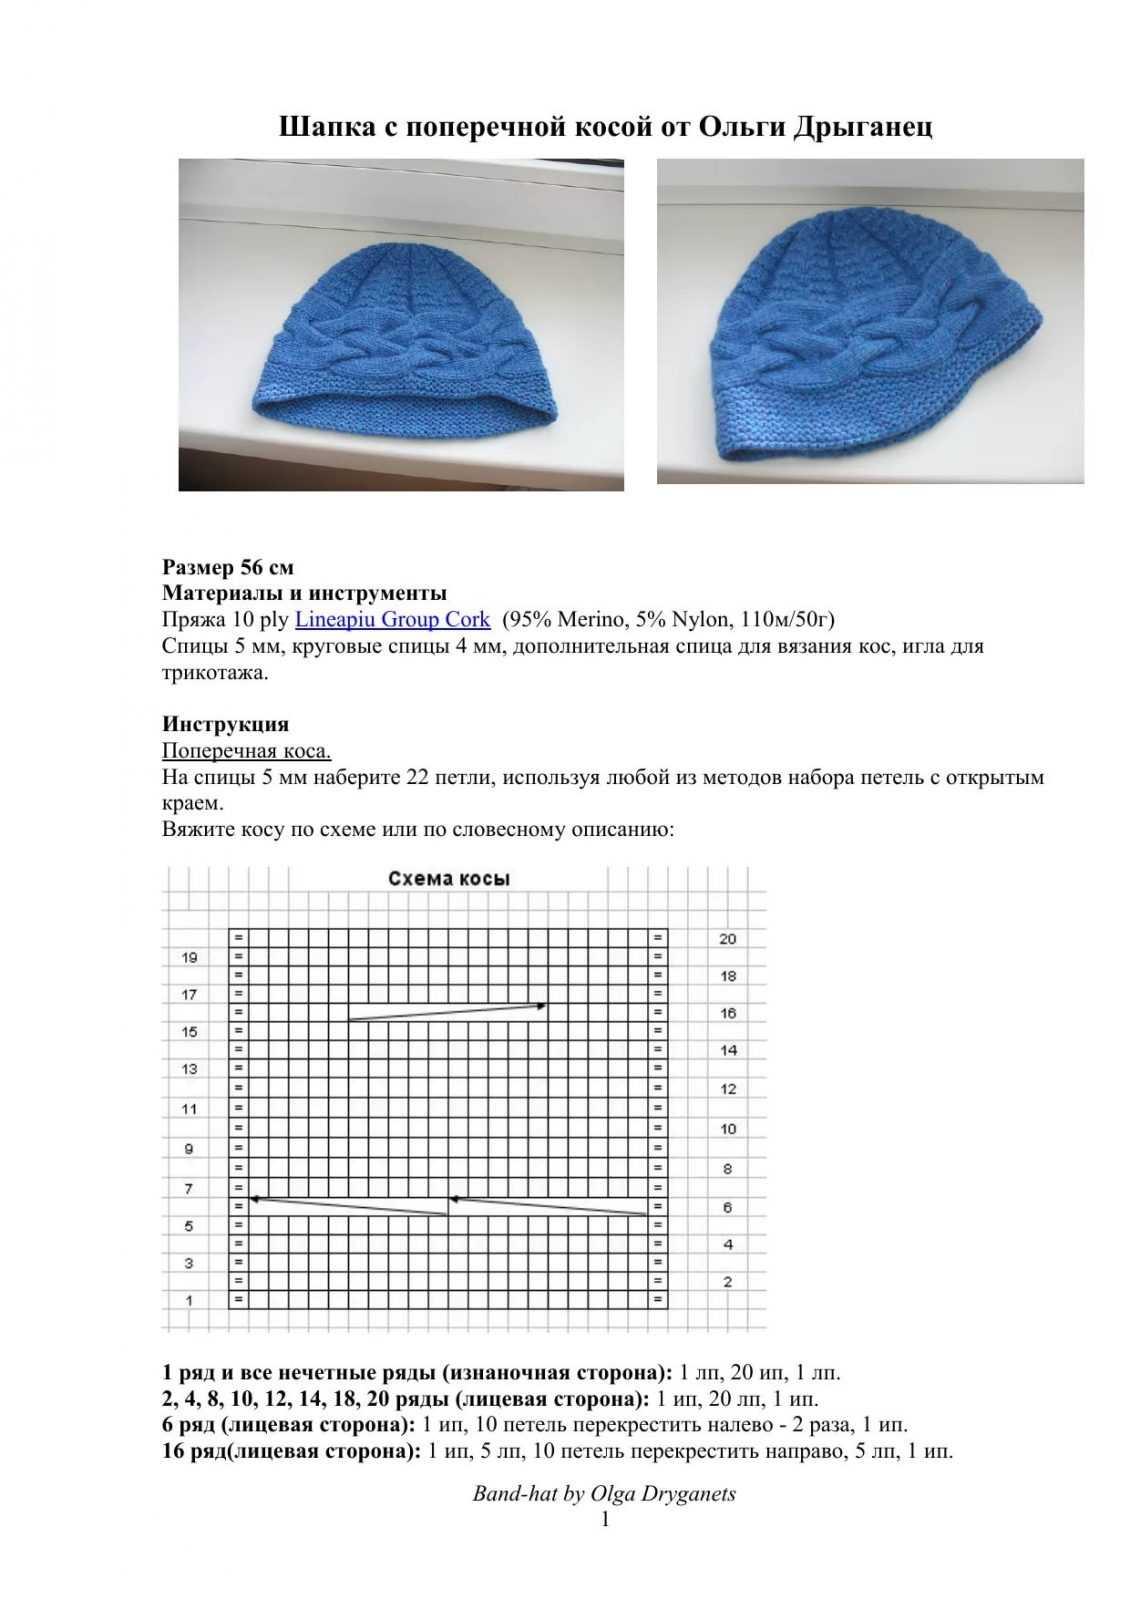 Вязание шапок поперечным вязанием для женщин спицами